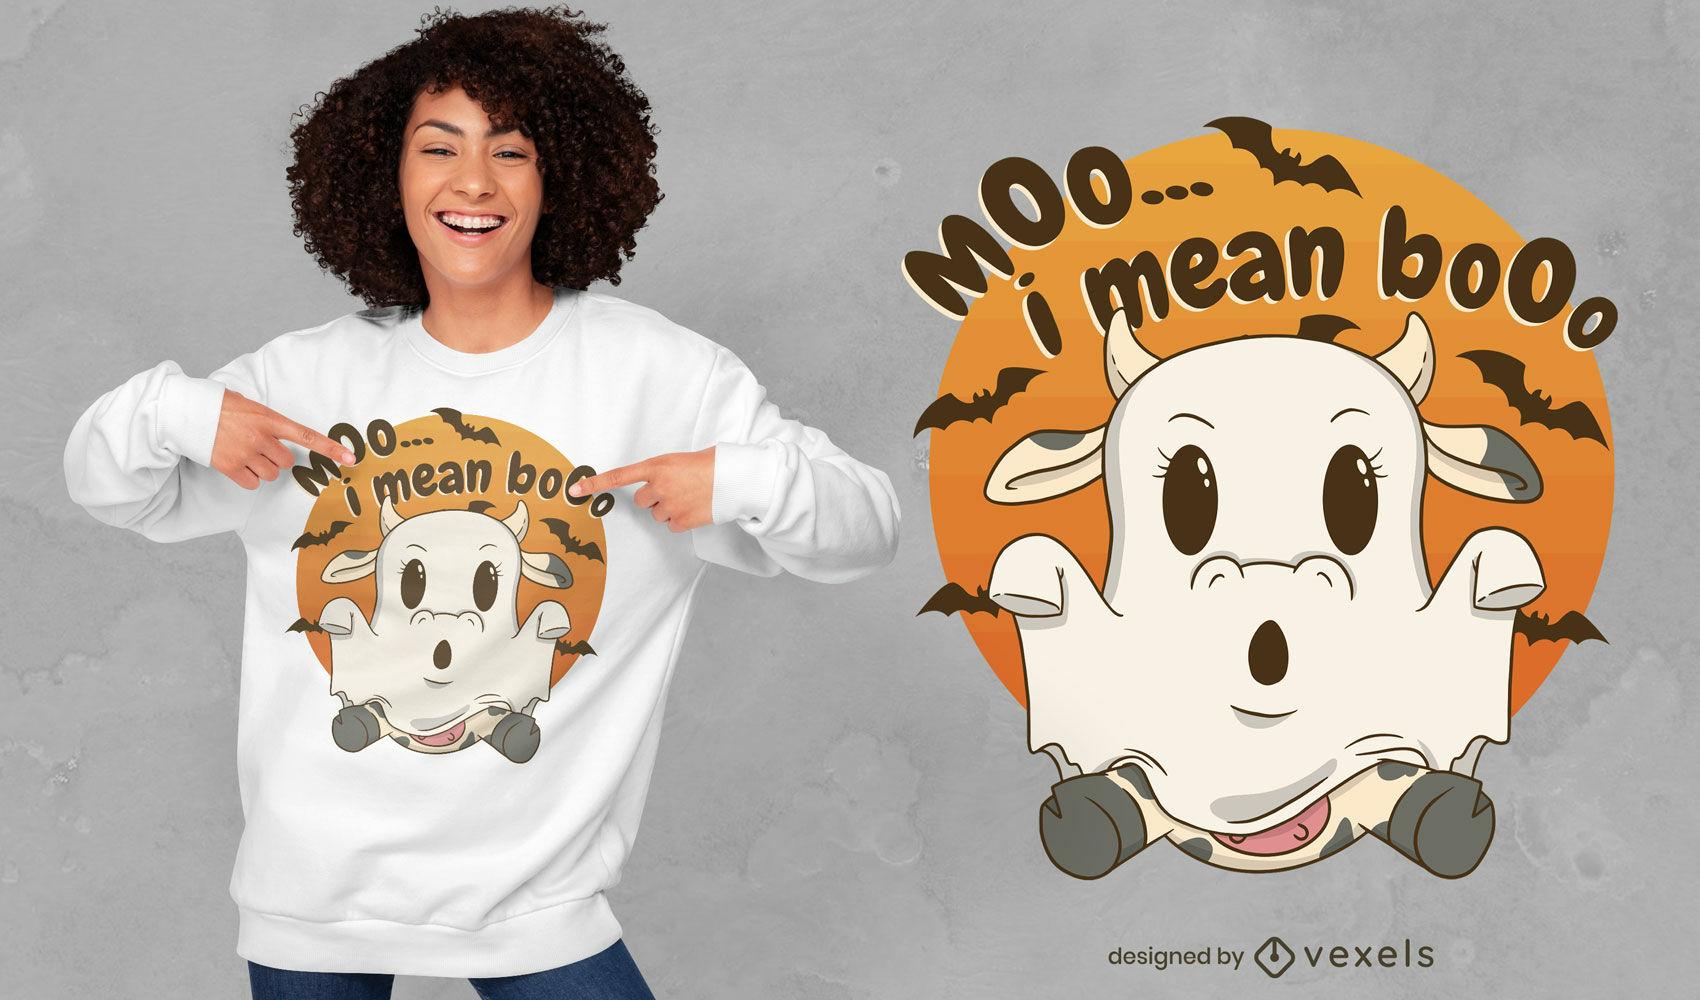 Dise?o lindo de la camiseta del fantasma de la vaca de Halloween